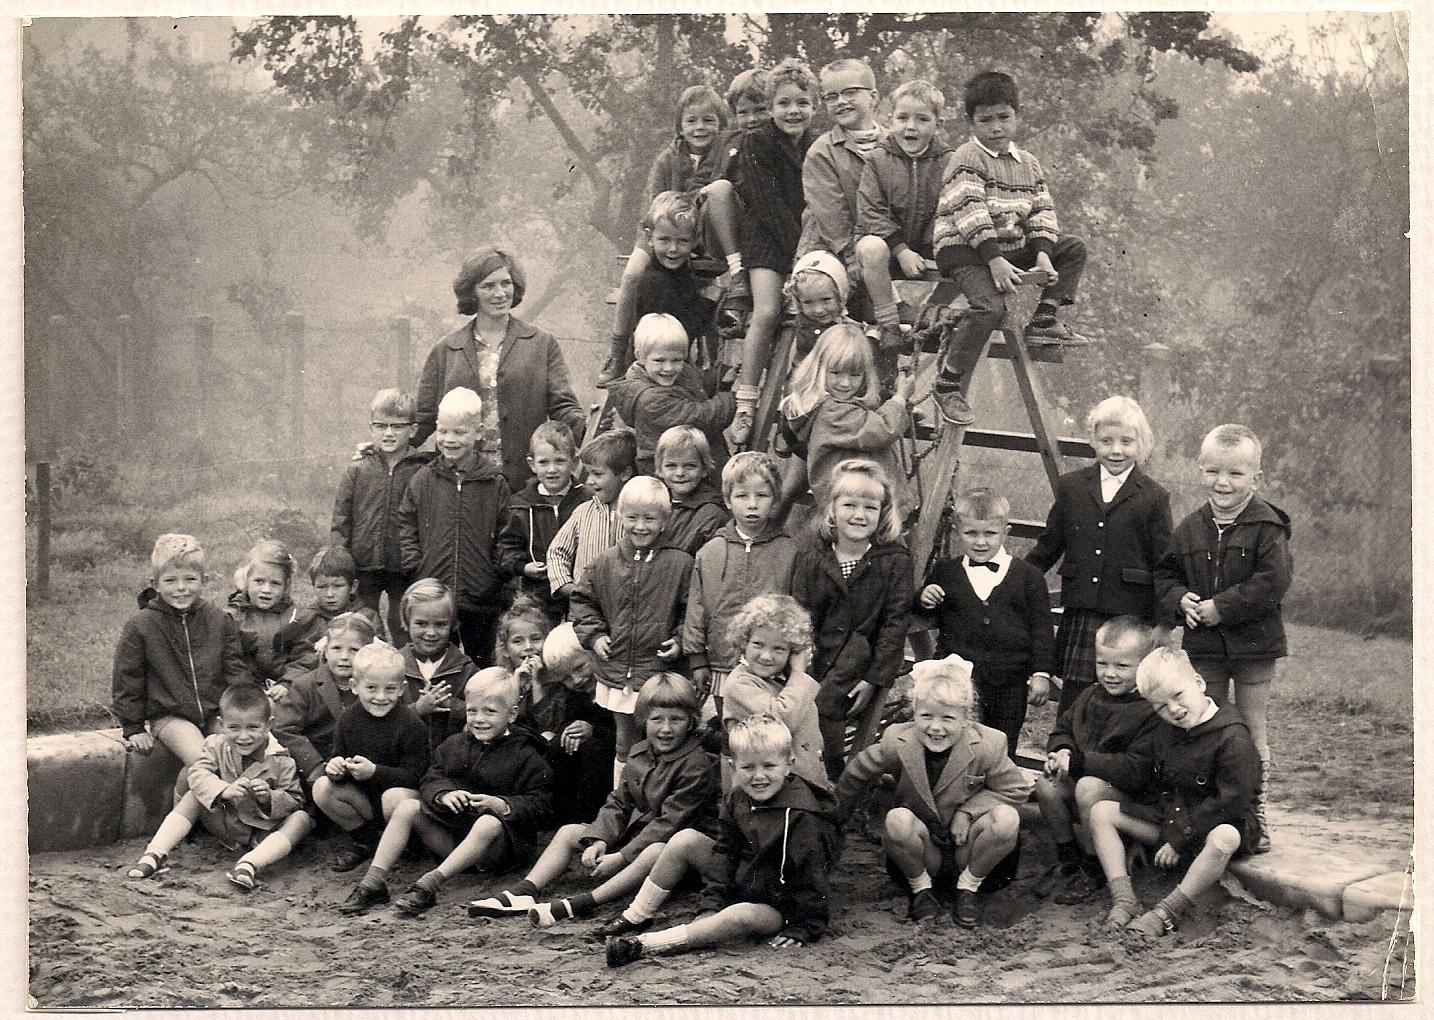 Kleuterschool de Woelwaters foto